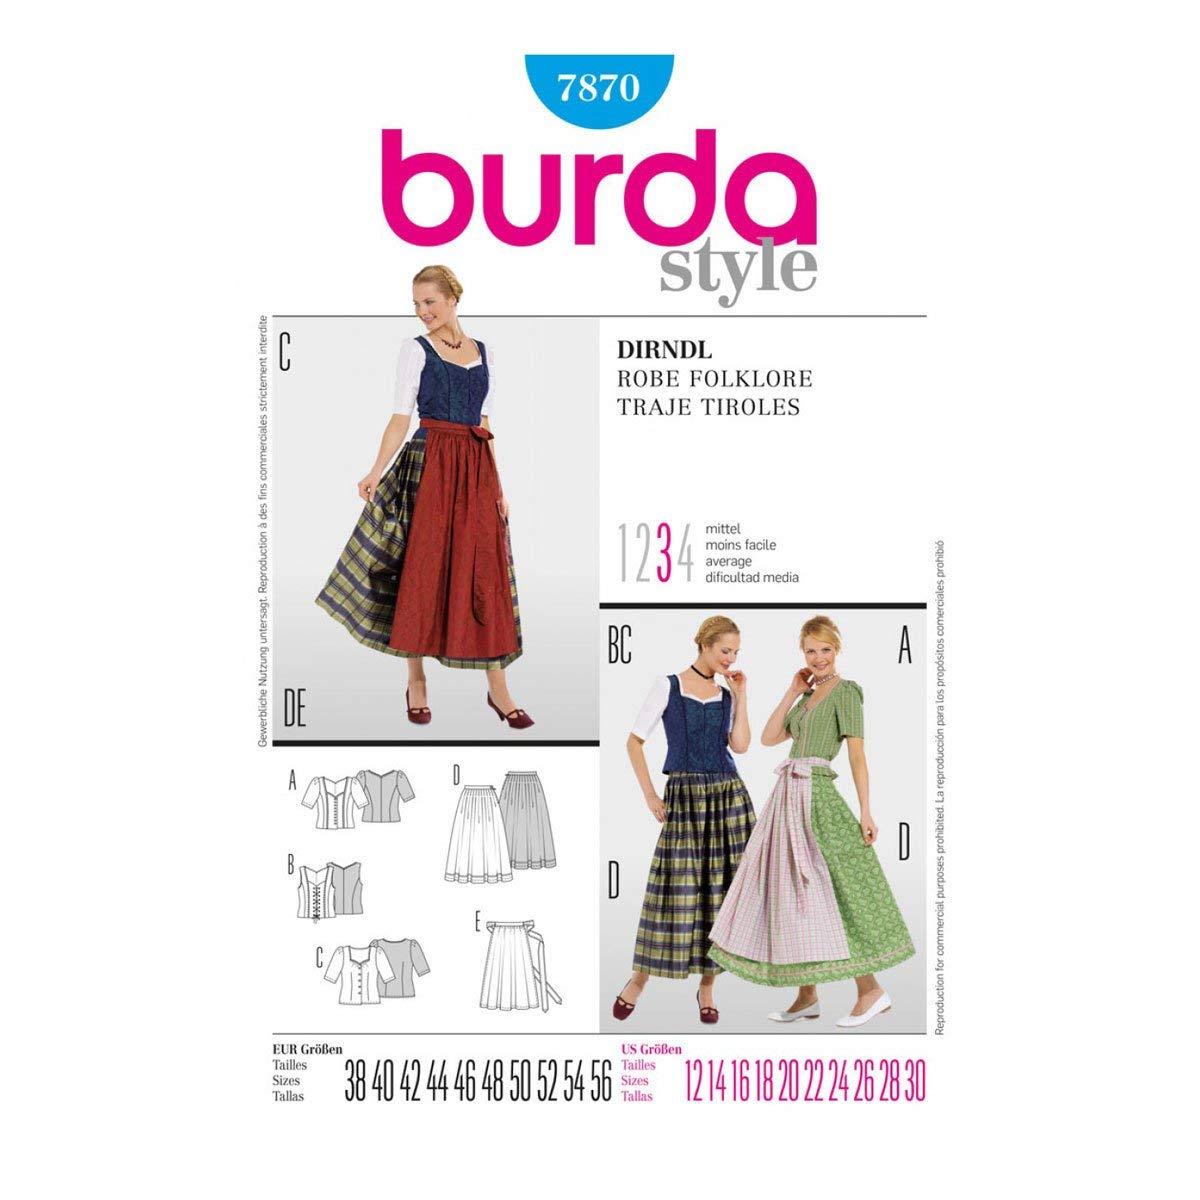 Amazon.com: Burda patrón de costura vestido Dirndl Robe ...